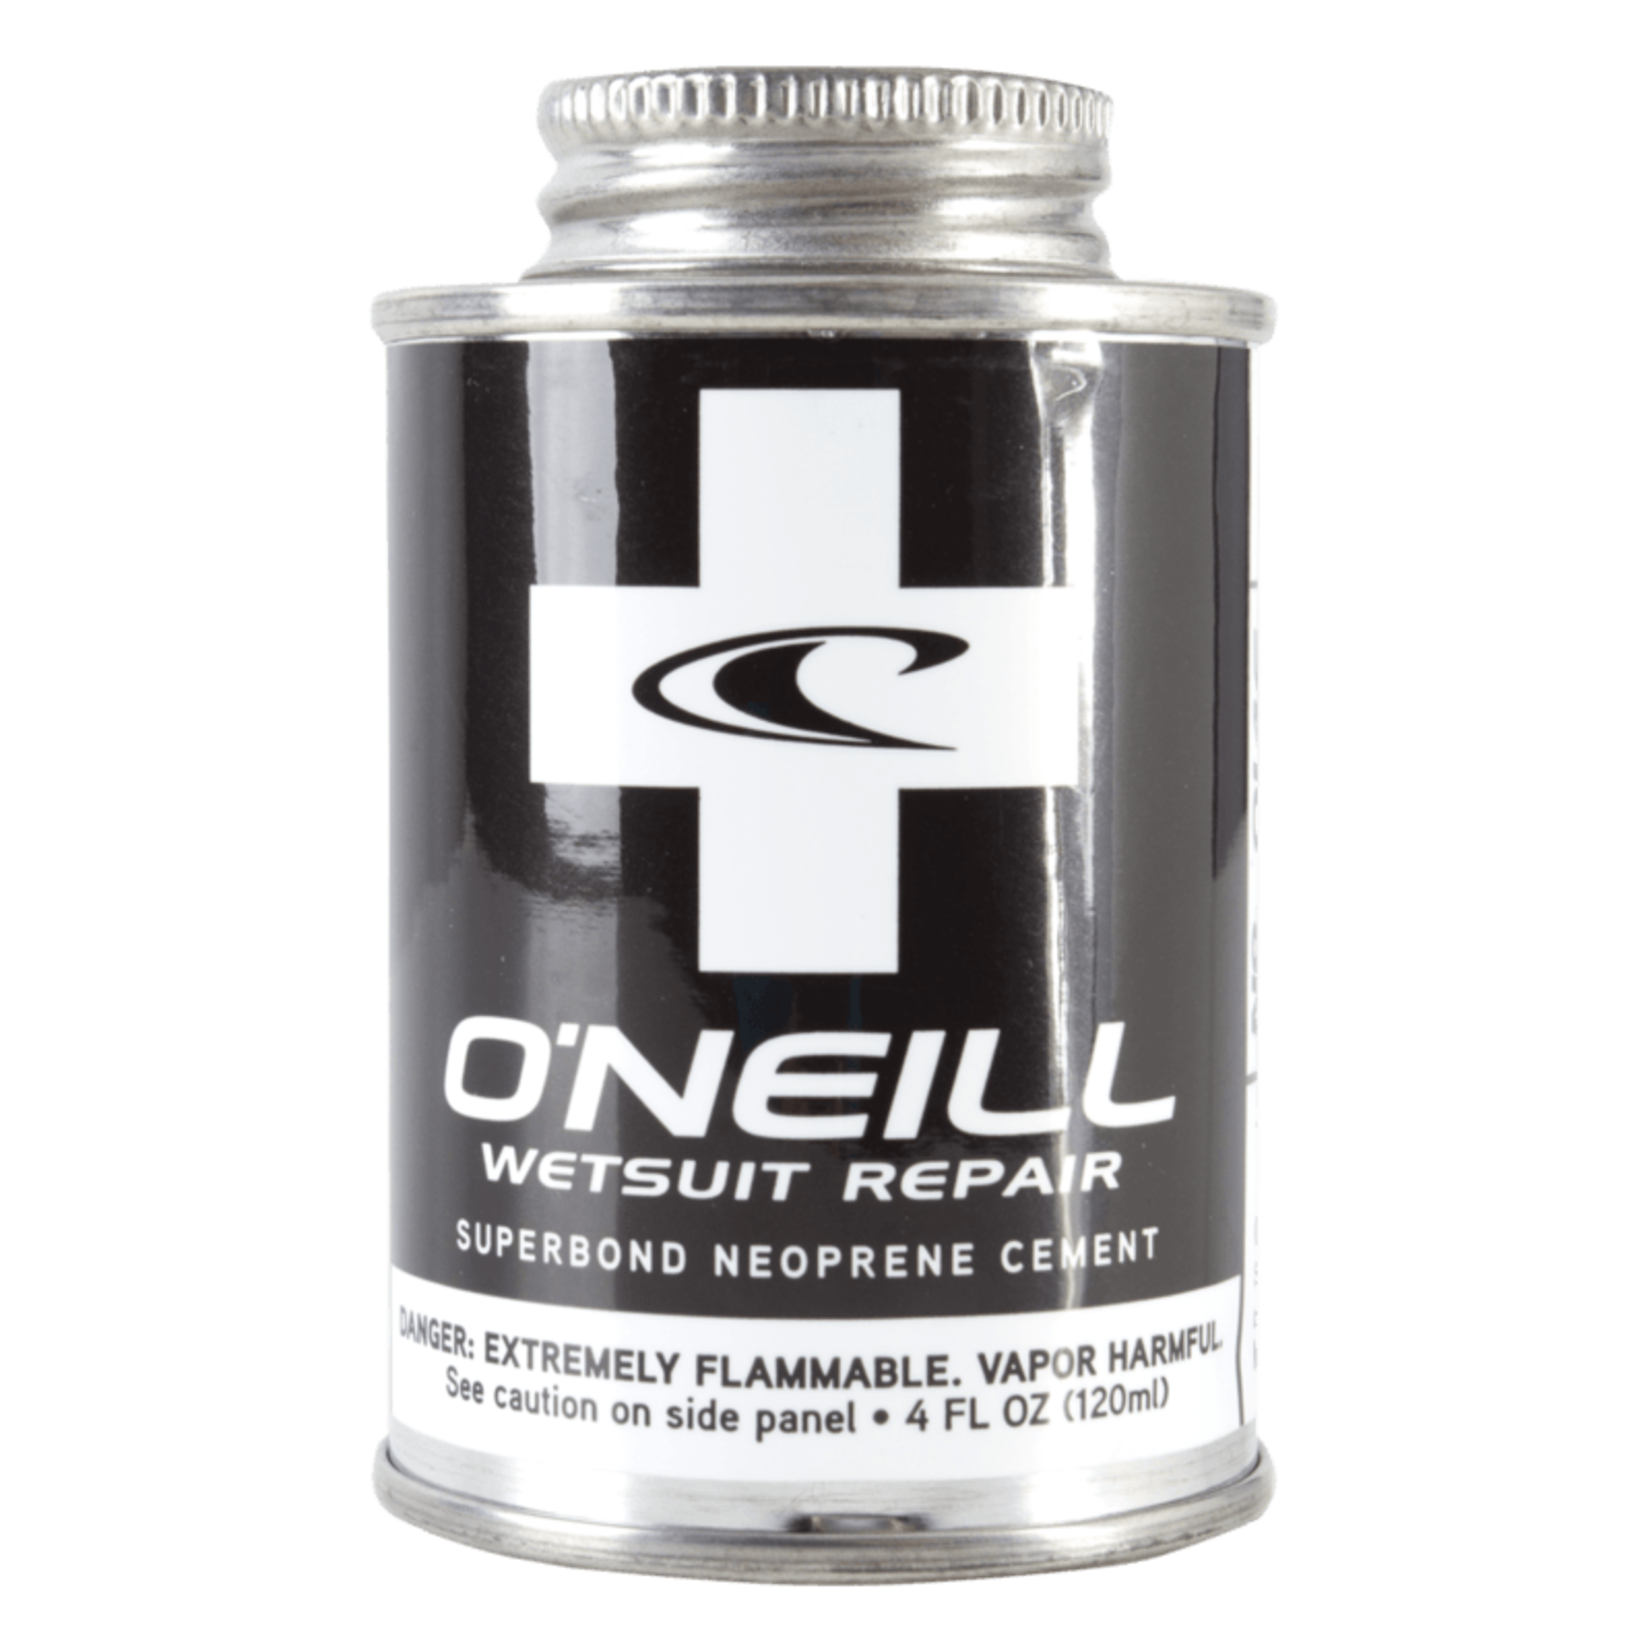 O'Neill O'Neill Neoprene Wetsuit Cement